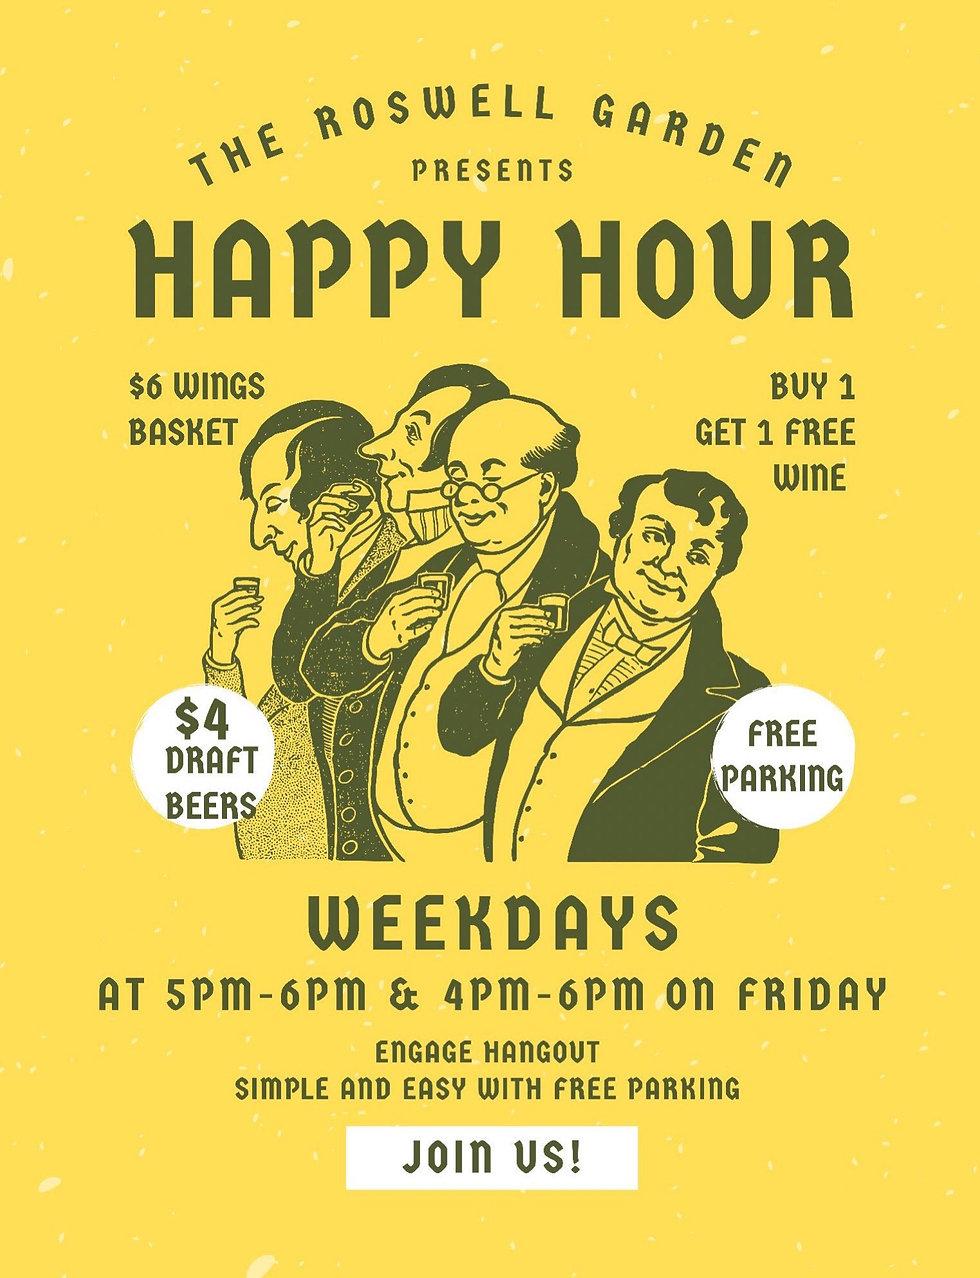 happy hour flyer.jpg